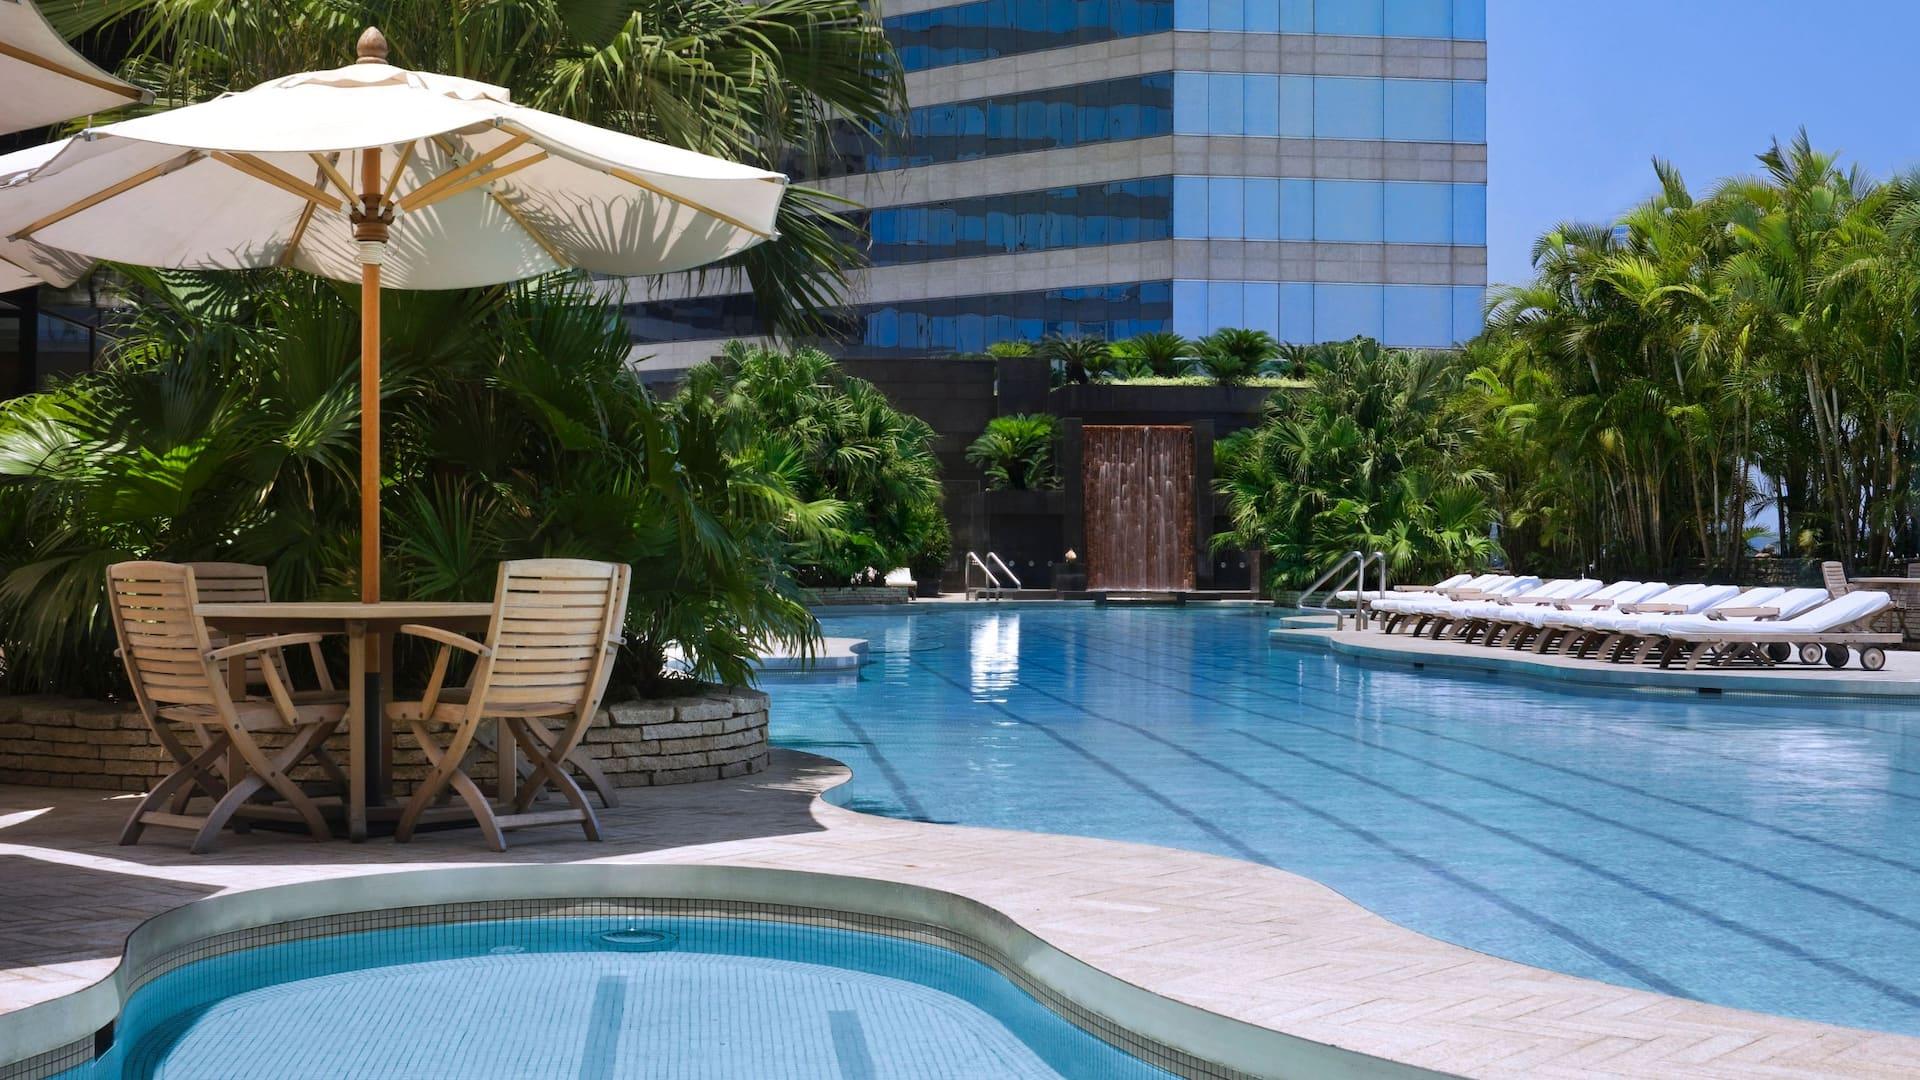 香港君悦酒店最新资讯与活动